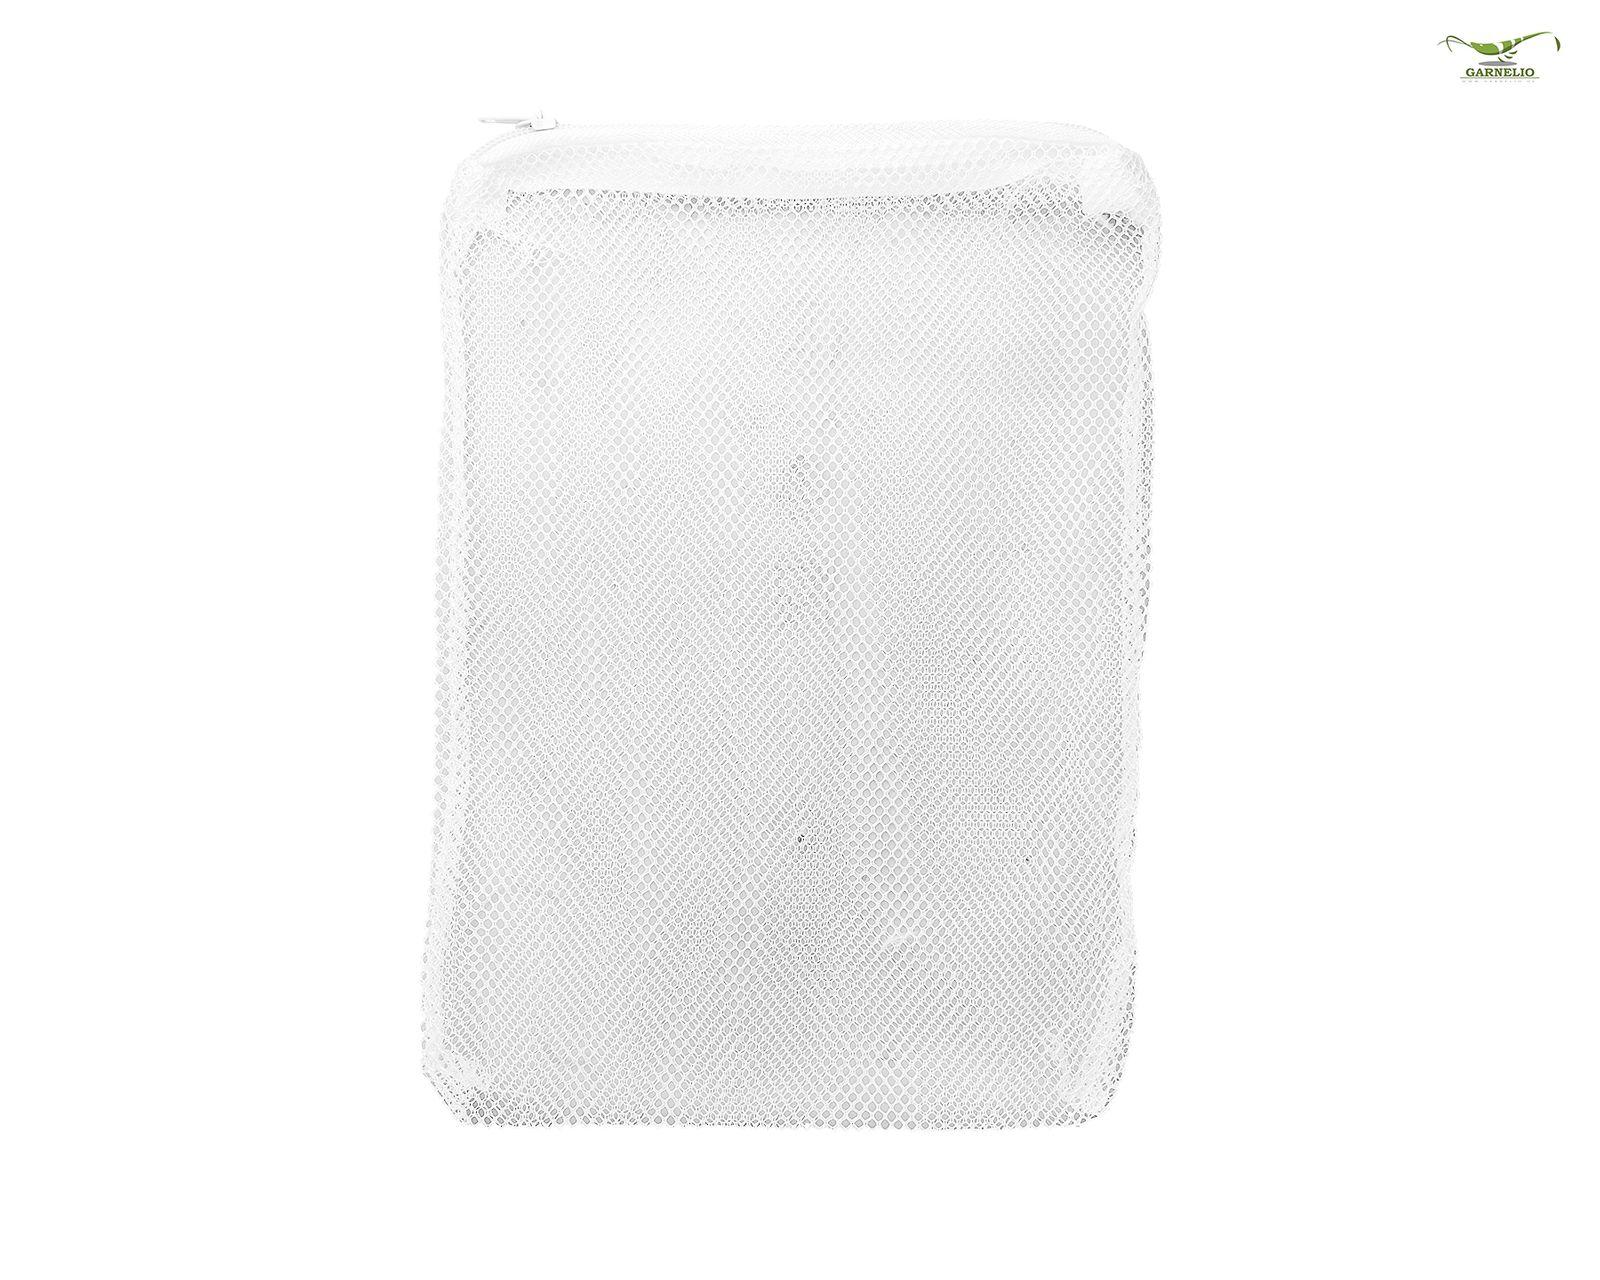 Kunststoffnetz für Filtermaterial